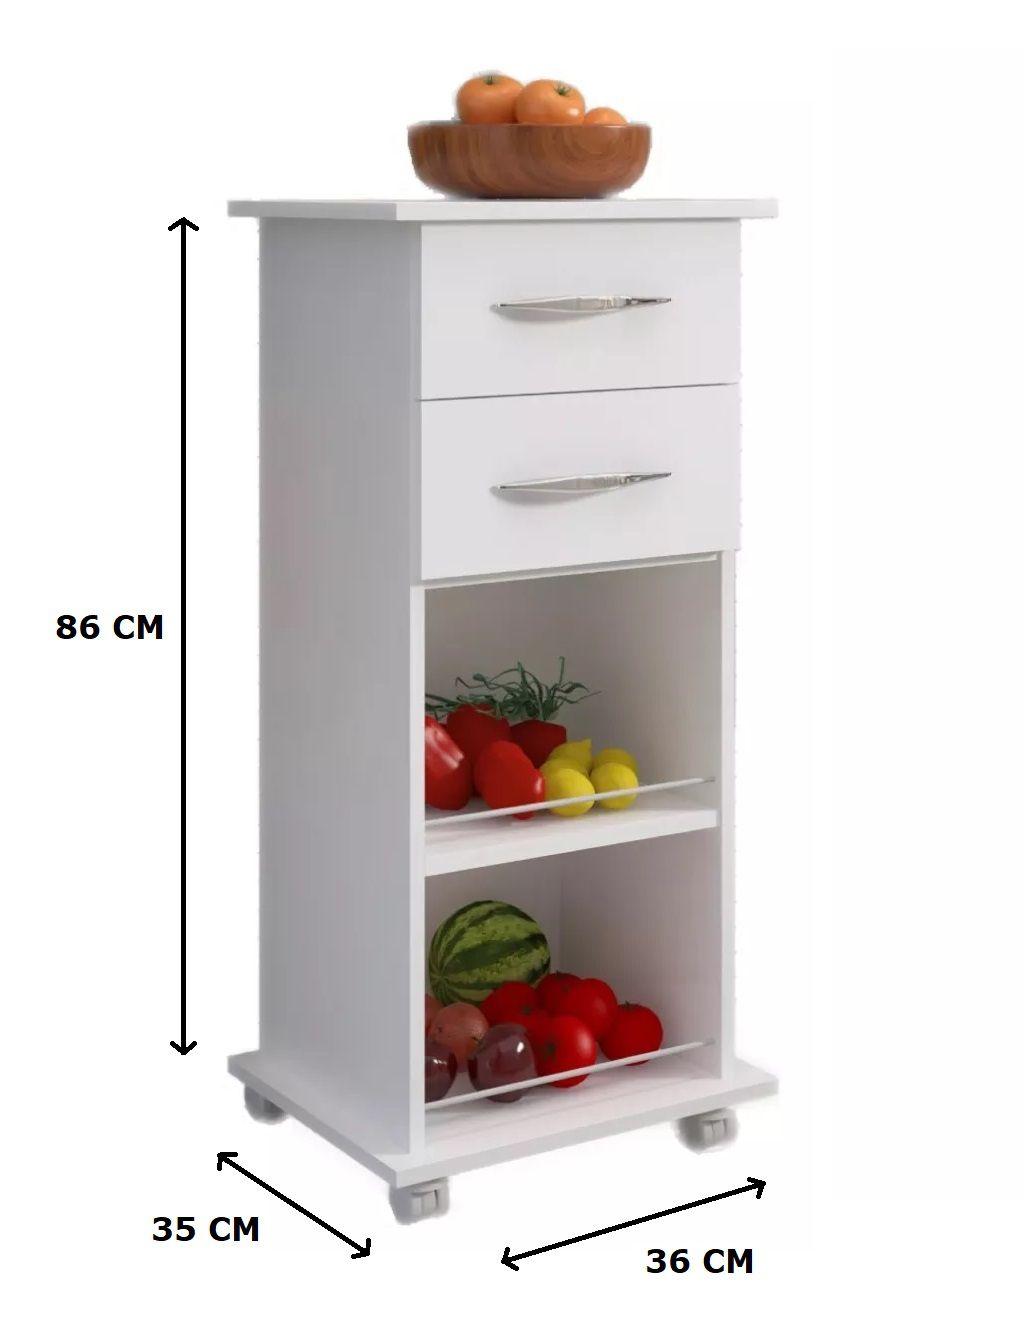 Fruteira Balcão Cozinha Base p/ Utensílios Cor Branca